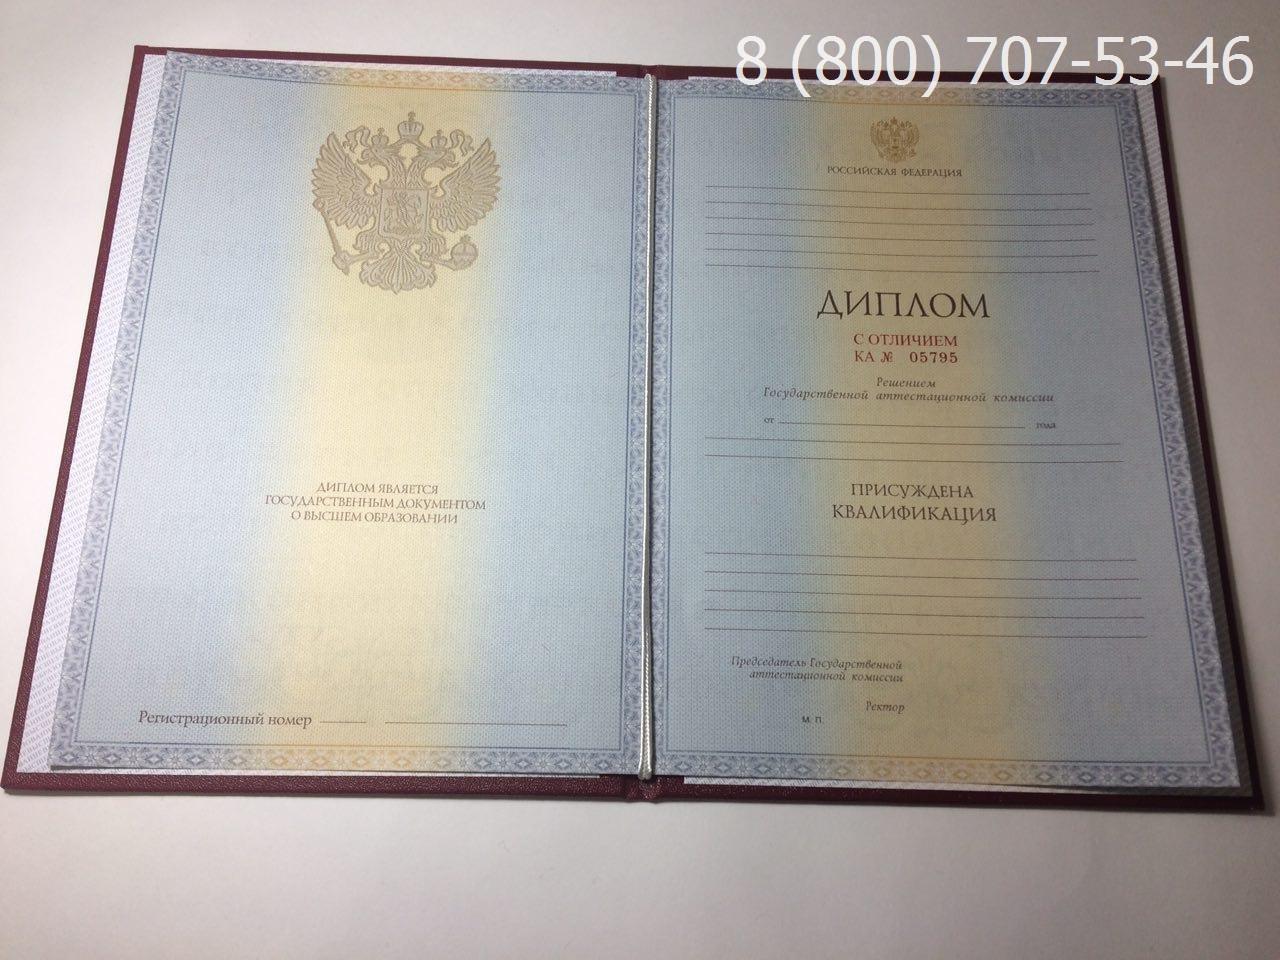 Диплом о высшем образовании с отличием 2012-2013 годов